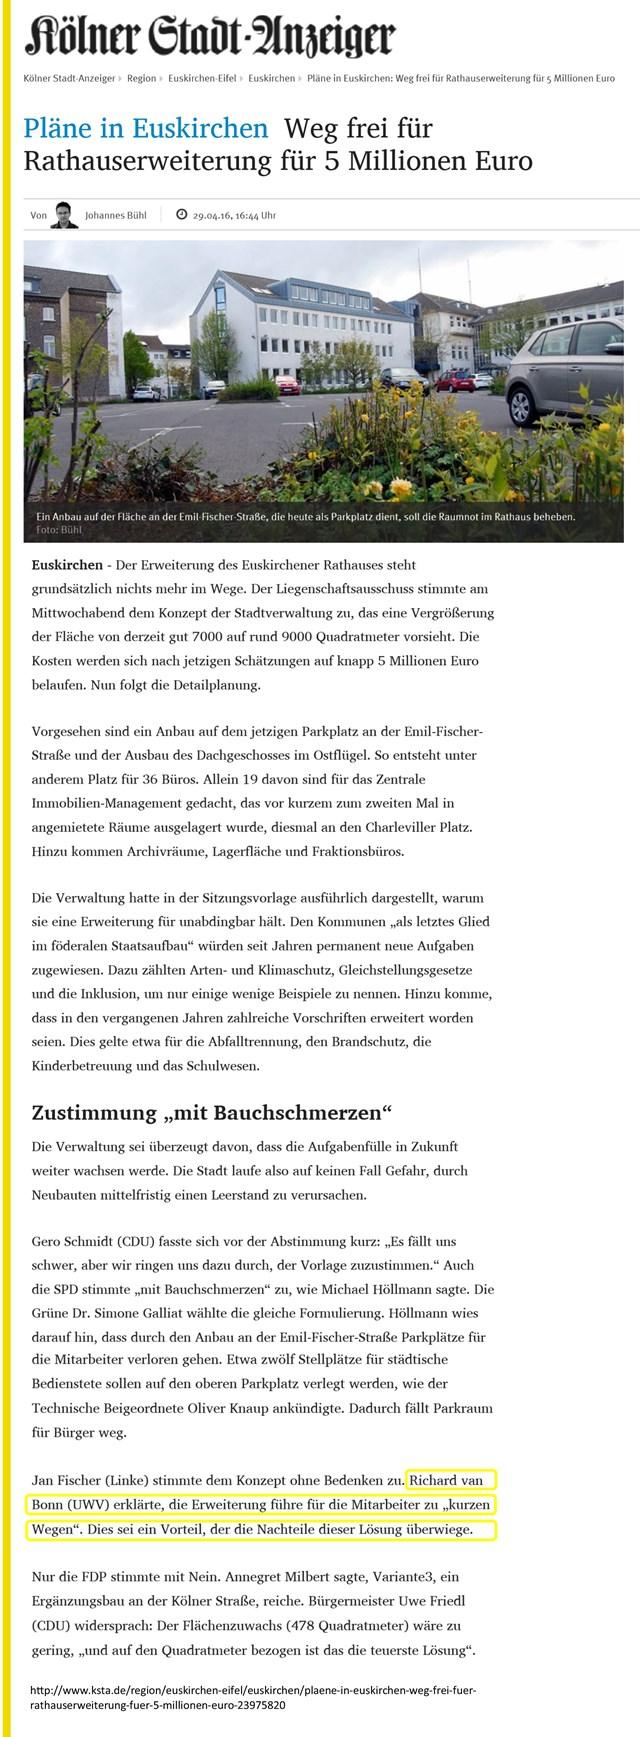 Plaene in Euskirchen Weg frei für Rathauserweiterung für 5 Millionen Euro - KSTA